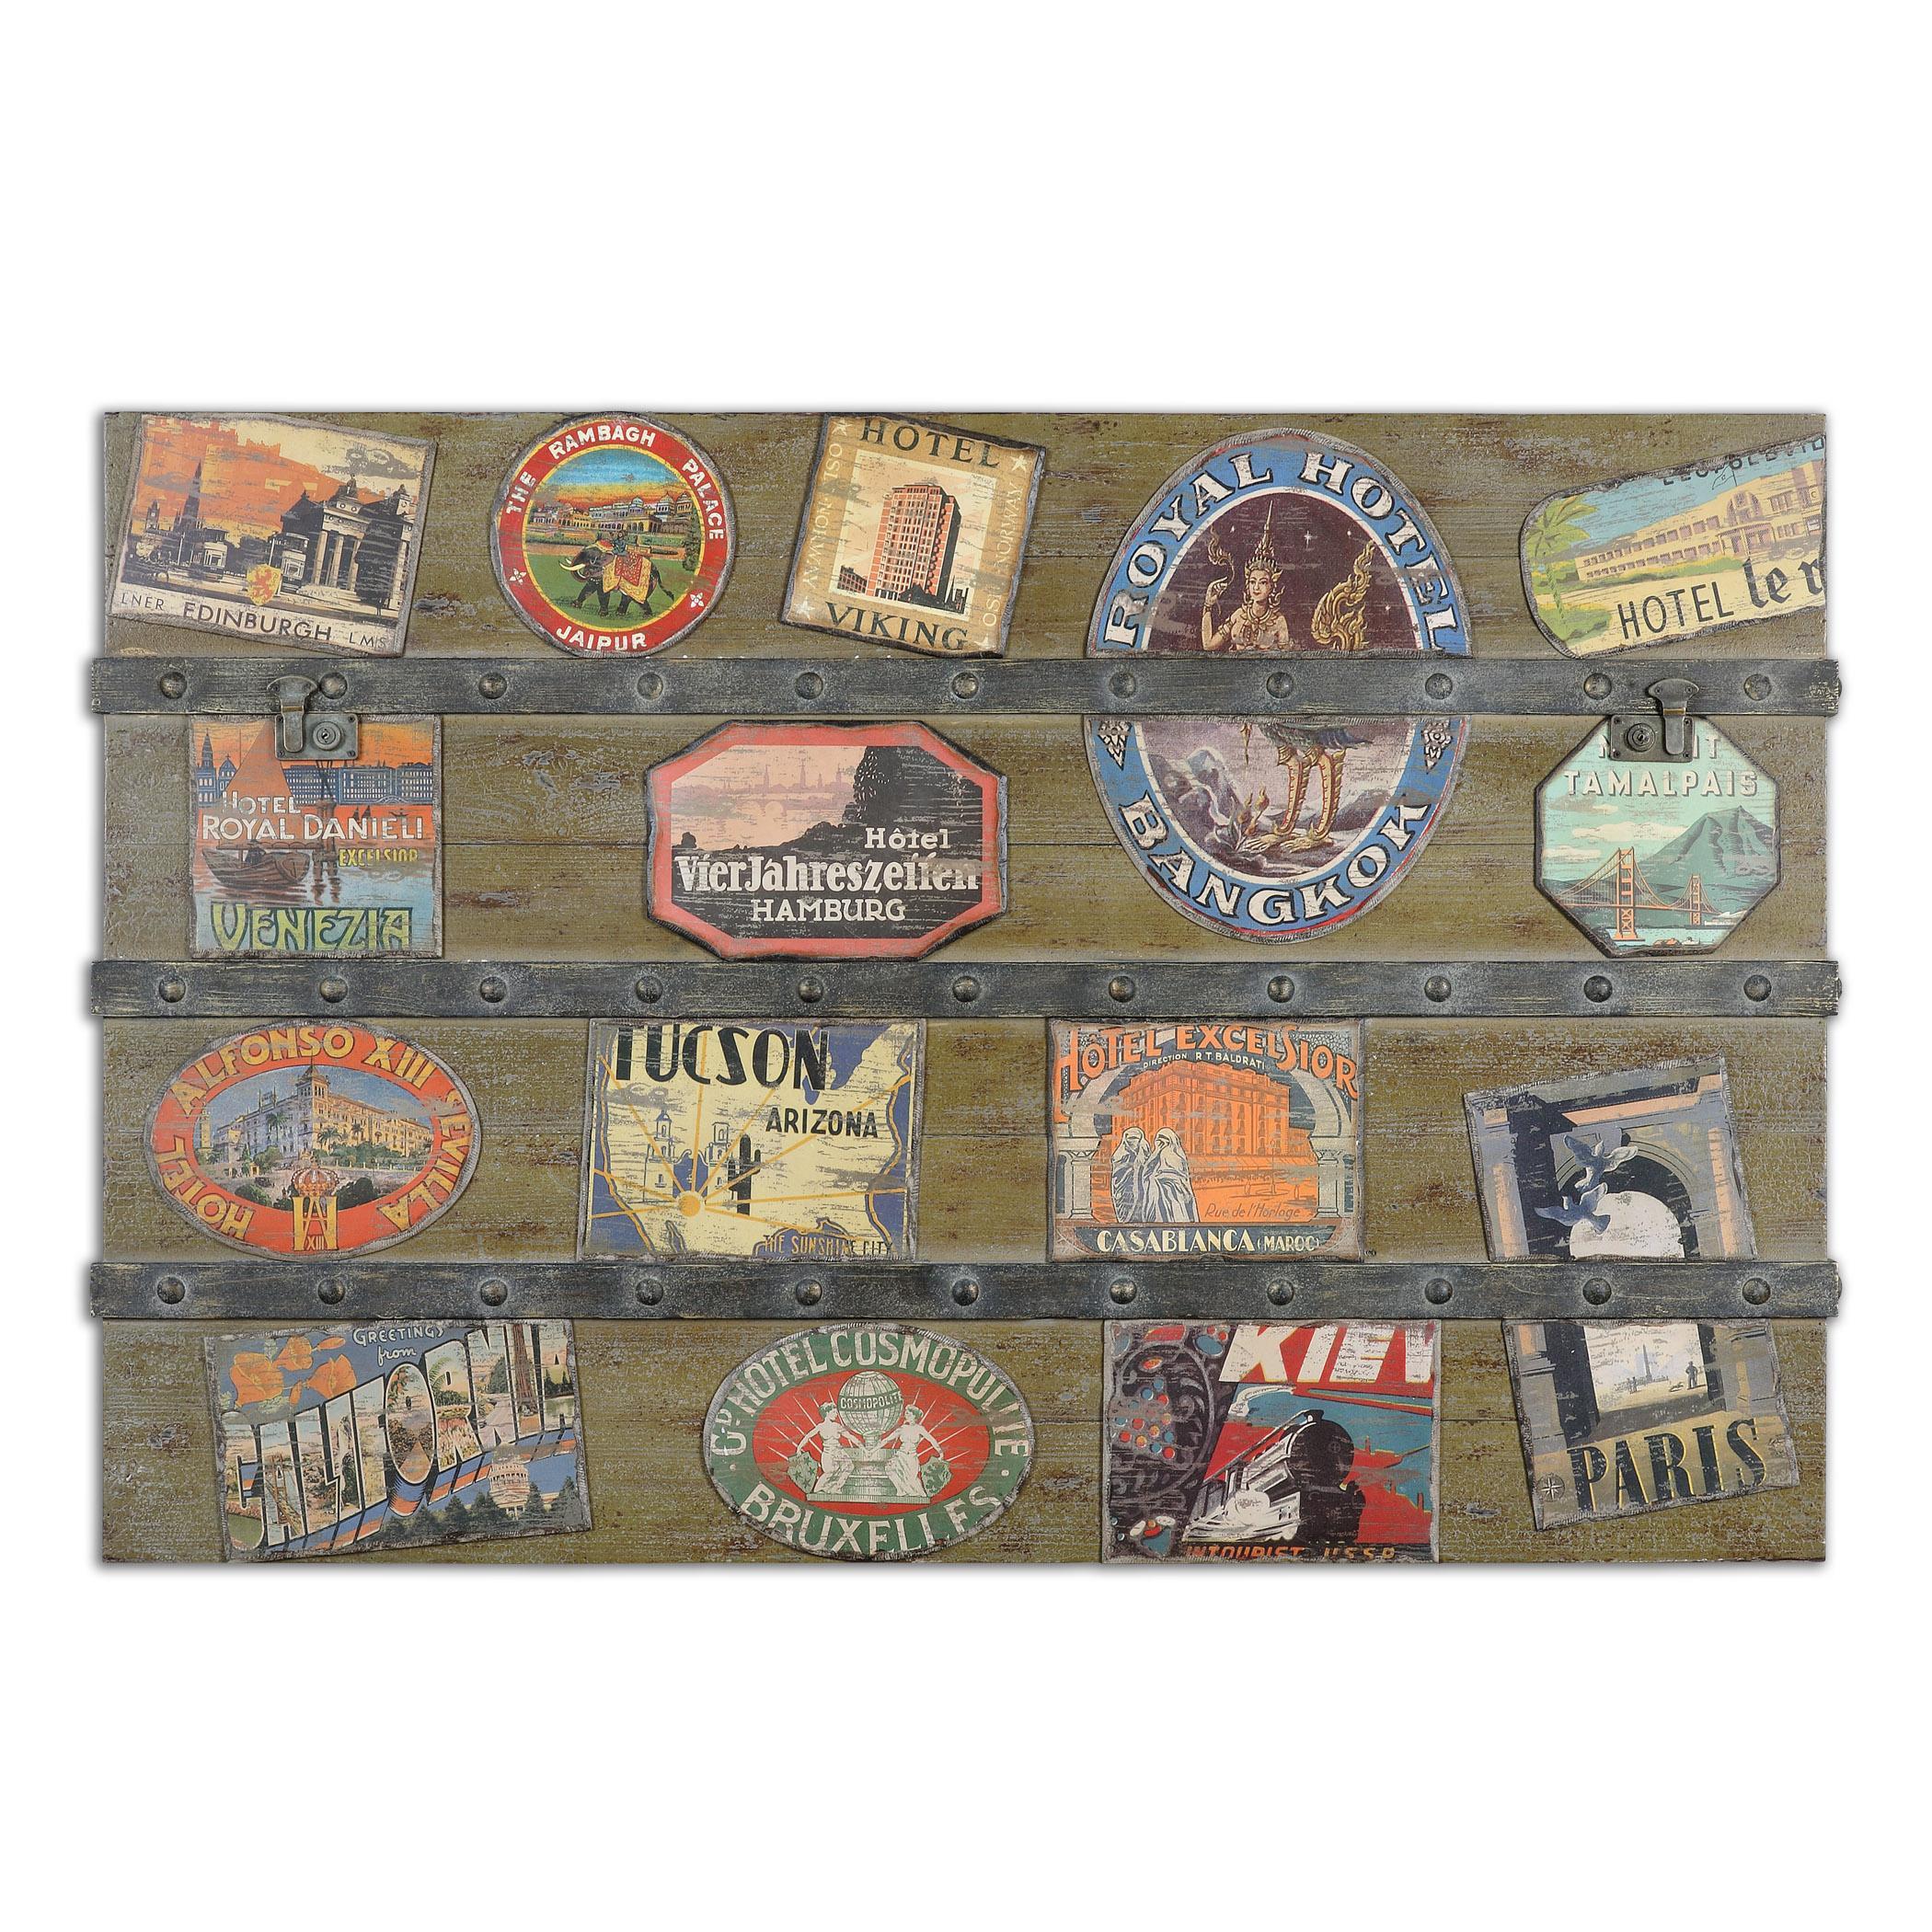 Uttermost Art International Trunk Wall Art - Item Number: 51098